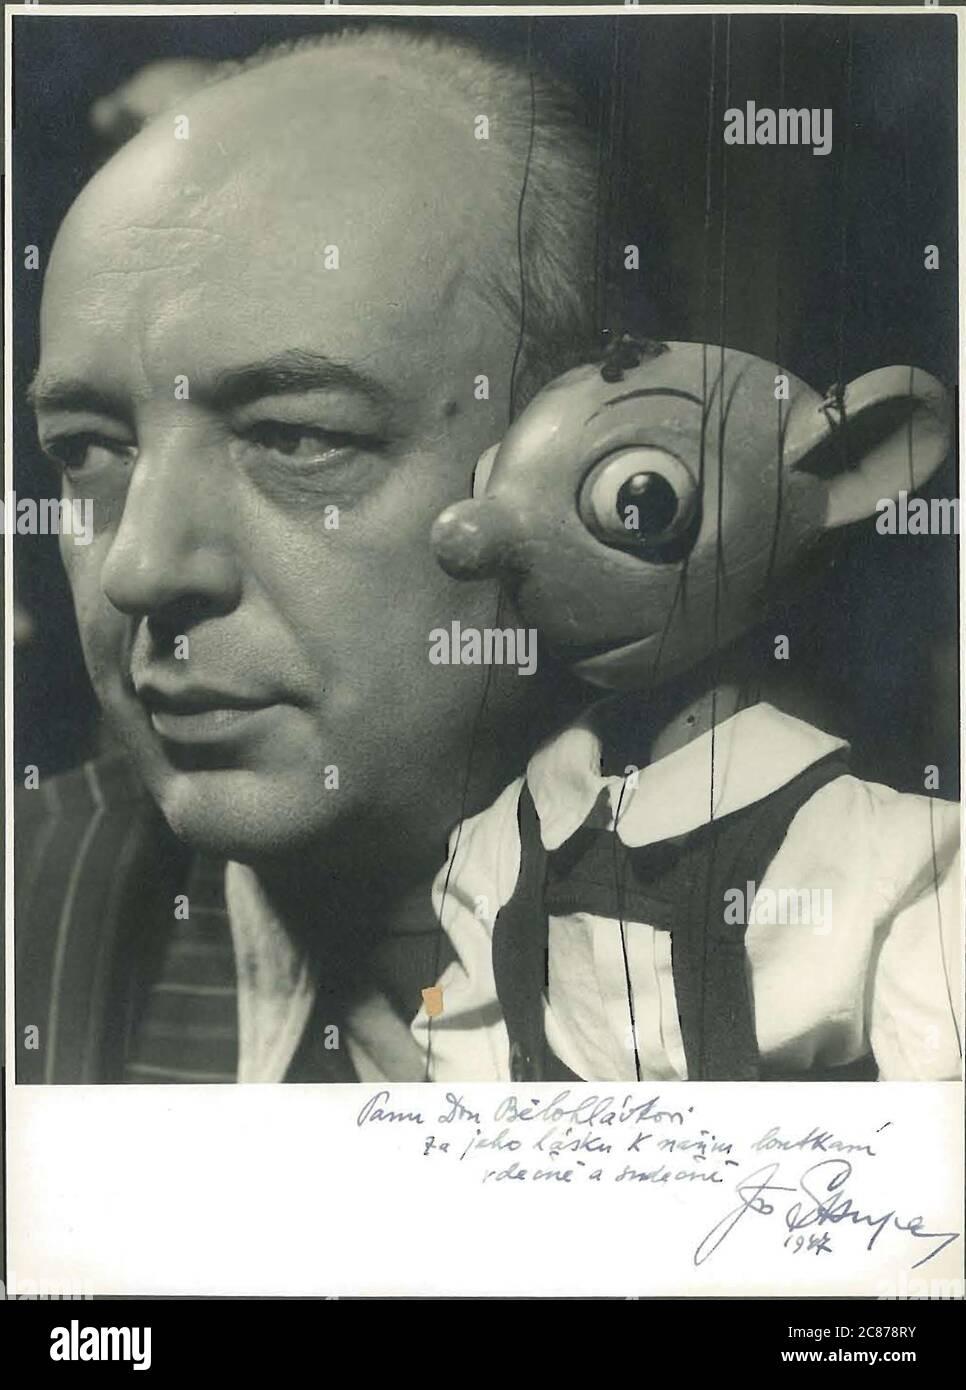 Le professeur Josef Skupa (1892-1957) était un marionnettiste tchèque qui, au début des années 1920, créa ses marionnettes les plus célèbres : le père comique Spejbl et son fils rascal Hurvinek, qui créèrent en 1930 le premier] théâtre de marionnettes professionnel moderne. Pendant l'occupation nazie de la Tchécoslovaquie, Skupa a joué des pièces de marionnettes satiriques et allégoriques sur des centaines d'étapes dans toute la Tchécoslovaquie, menant à l'emprisonnement des marionnettes par les Nazis (dans un classeur!) pour être généralement trop subversif. Après 1945, Skupa a continué à produire du travail pour les enfants et les adultes en Tchécoslovaquie et a également joué à l'étranger. José Banque D'Images